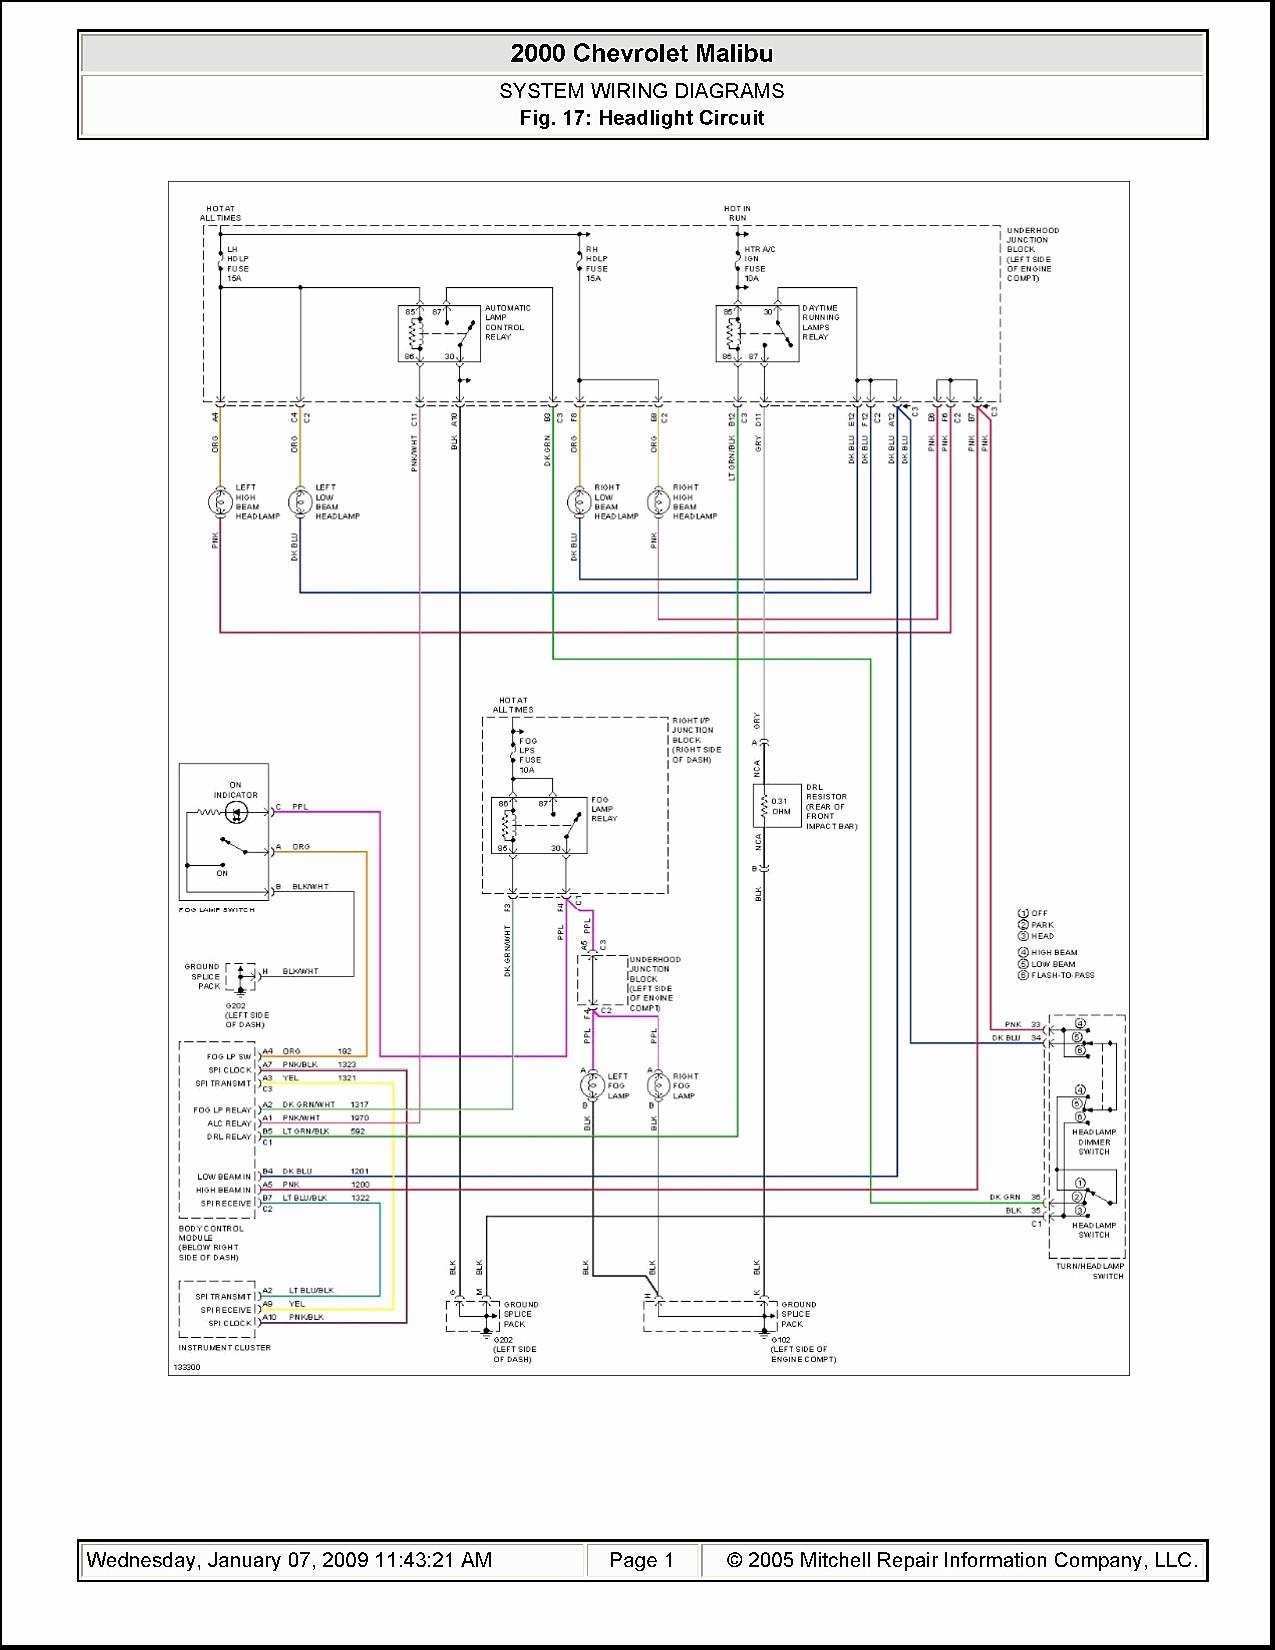 Monsoon Wiring Diagram 2005 | Wiring Schematic Diagram on internet wiring diagram, software wiring diagram, hdmi wiring diagram, apple wiring diagram, network wiring diagram, voip wiring diagram, home wiring diagram,